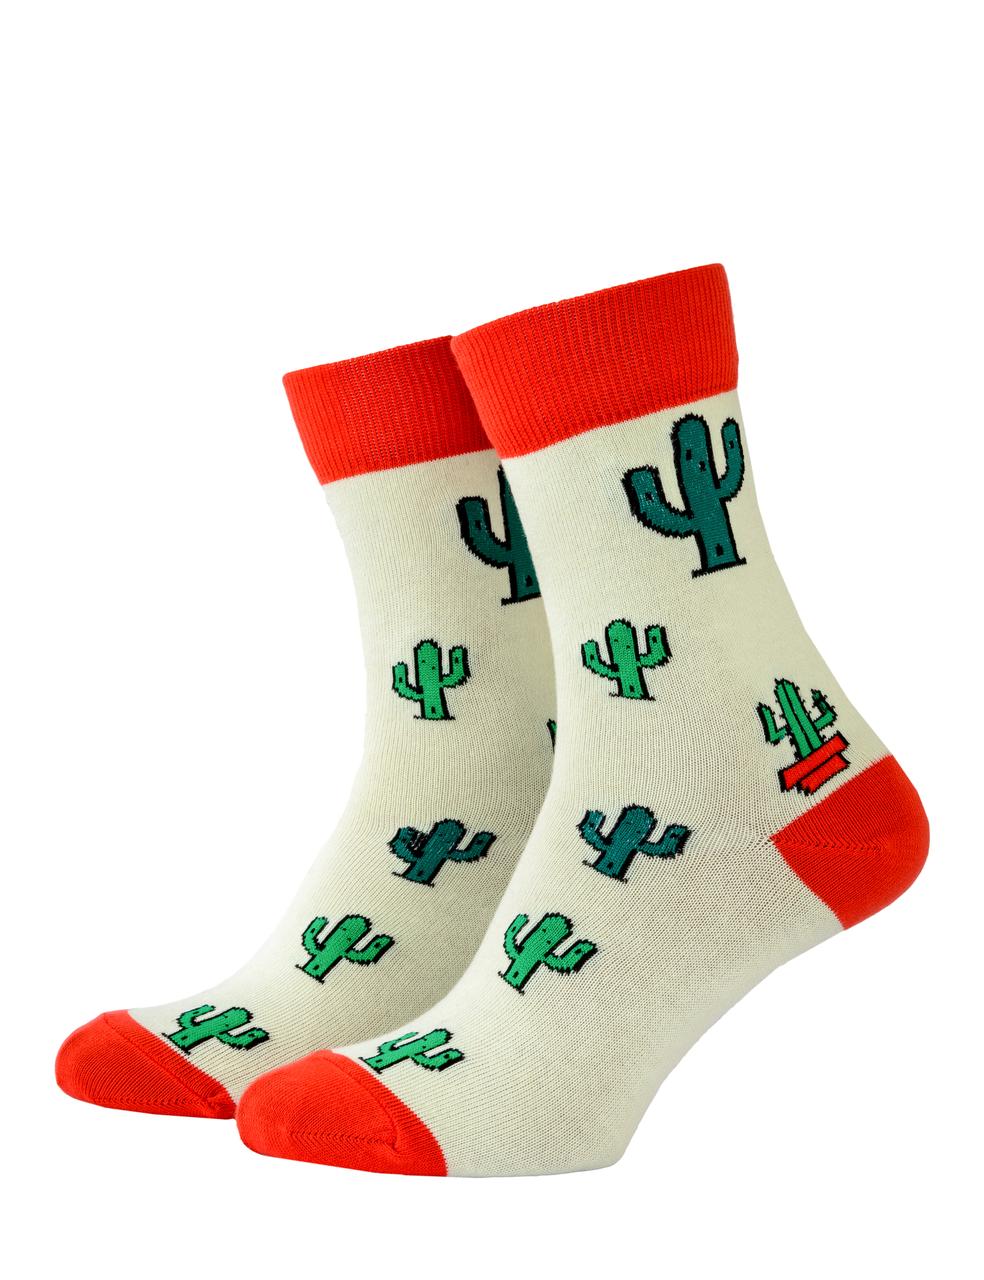 Носки Mushka Cactus (CAC001) 36-39